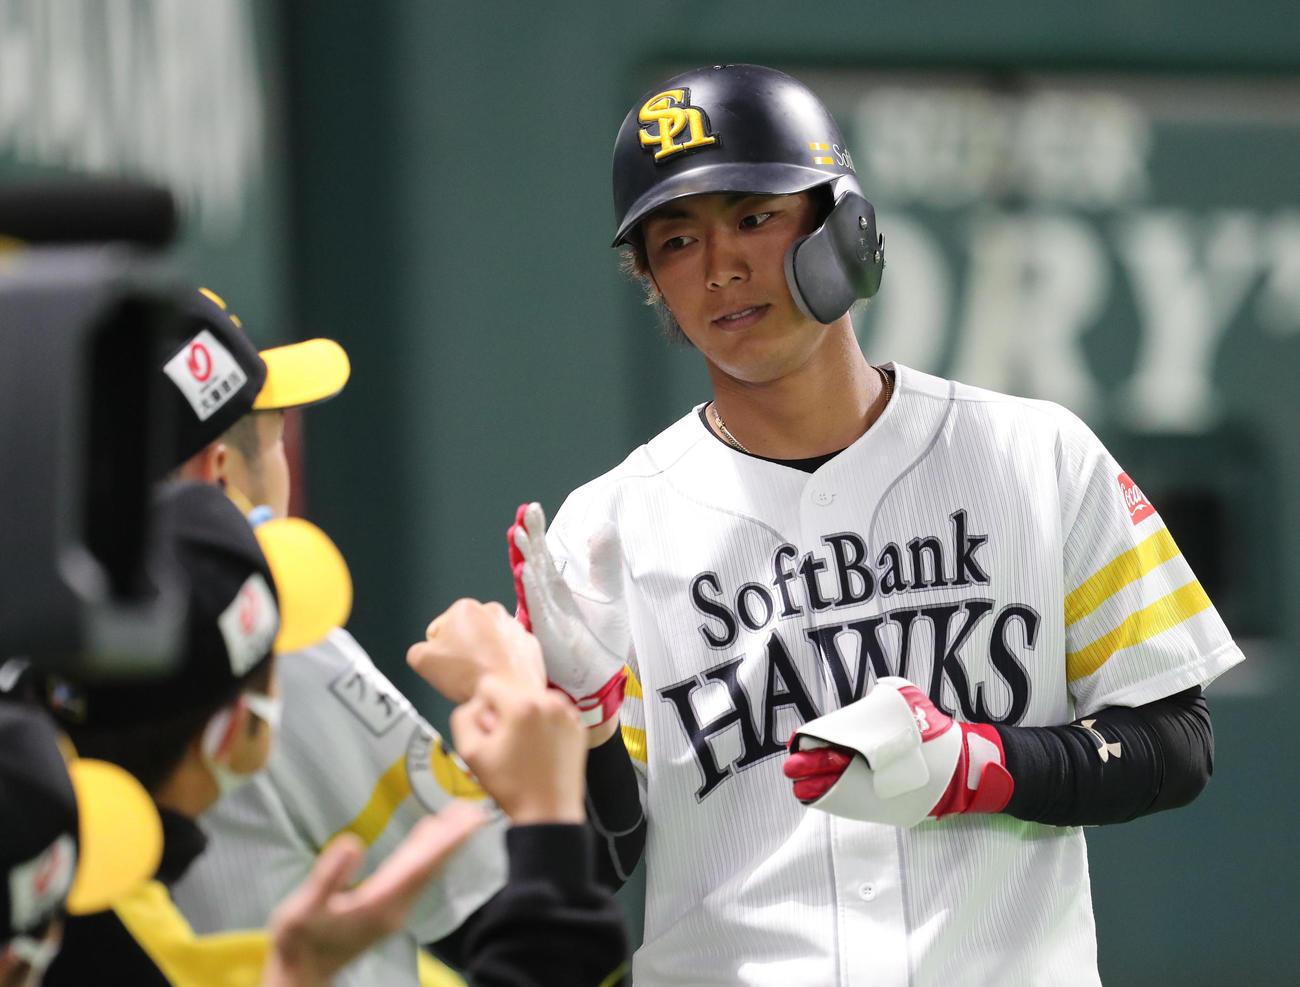 ソフトバンク対中日 2回裏ソフトバンク1死満塁、今宮は松田の二ゴロの間に生還しナインに迎えられる(撮影・梅根麻紀)